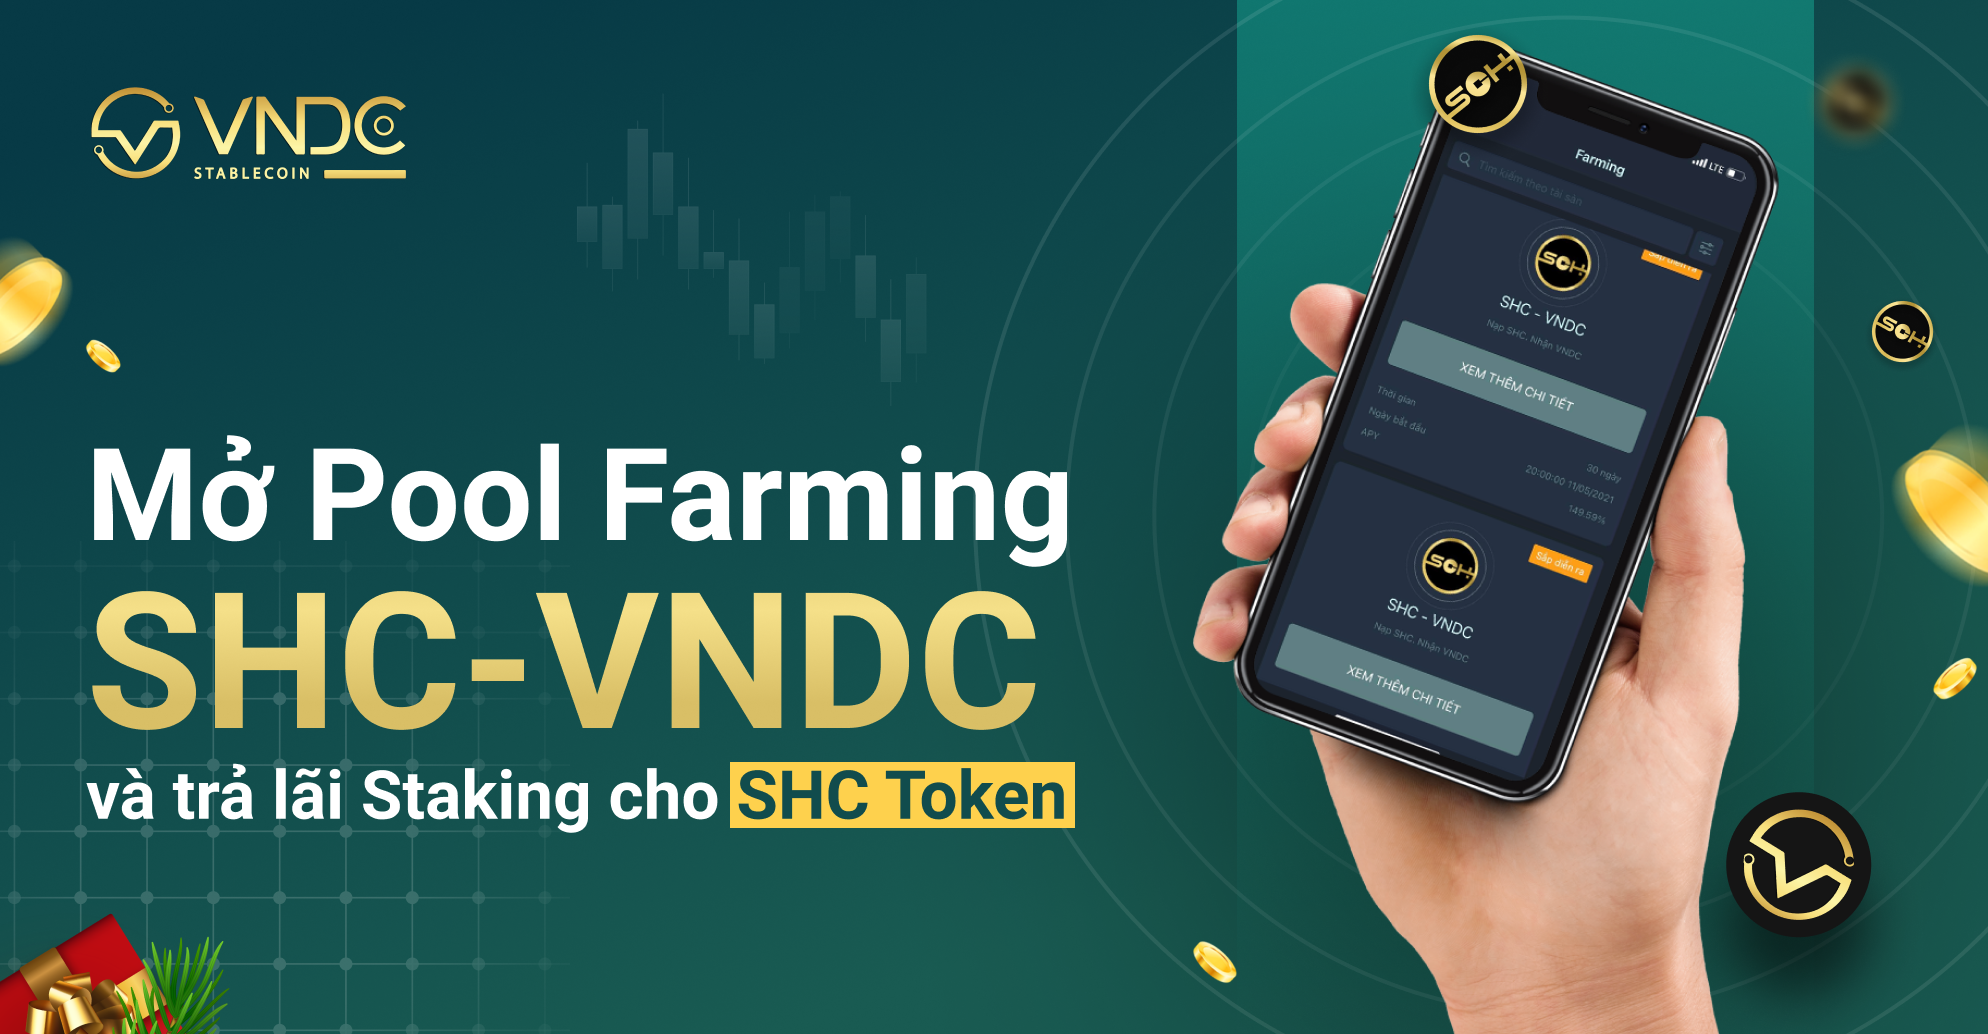 Mở Pool Farming SHC – VNDC và trả lãi Staking cho SHC Token